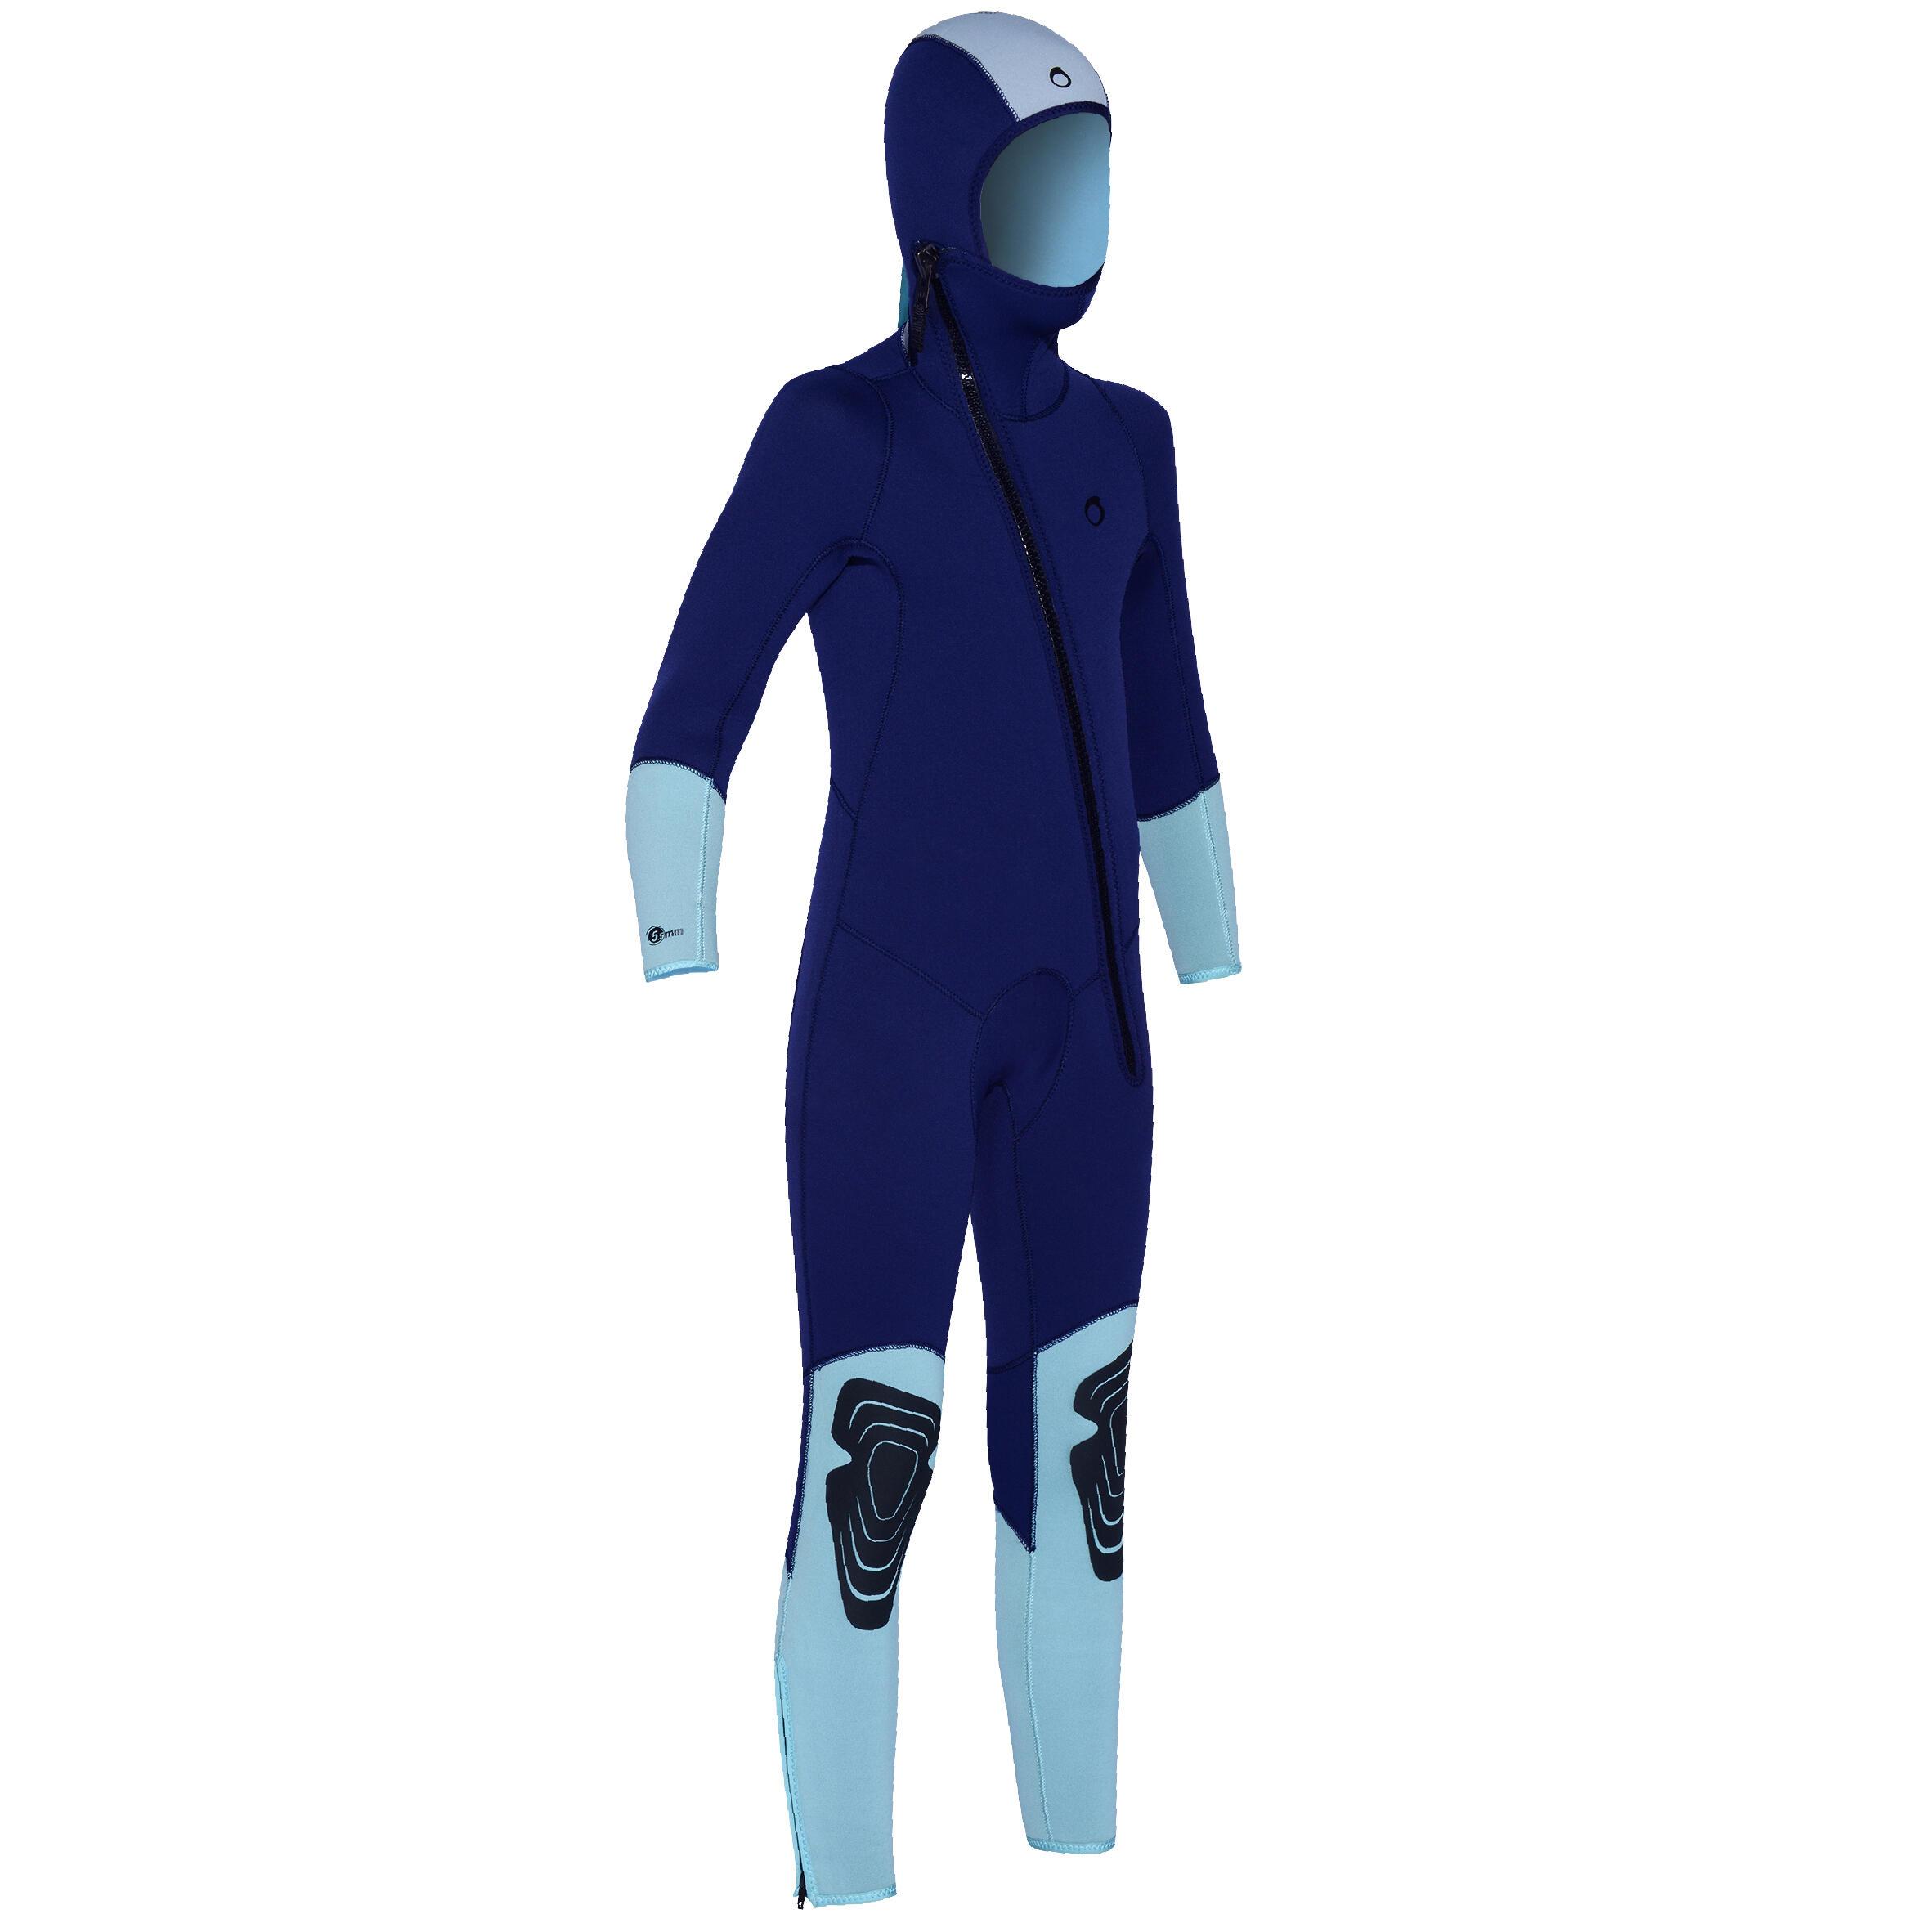 48f5dca0383a Comprar traje de buceo húmedo o semiseco   Decathlon